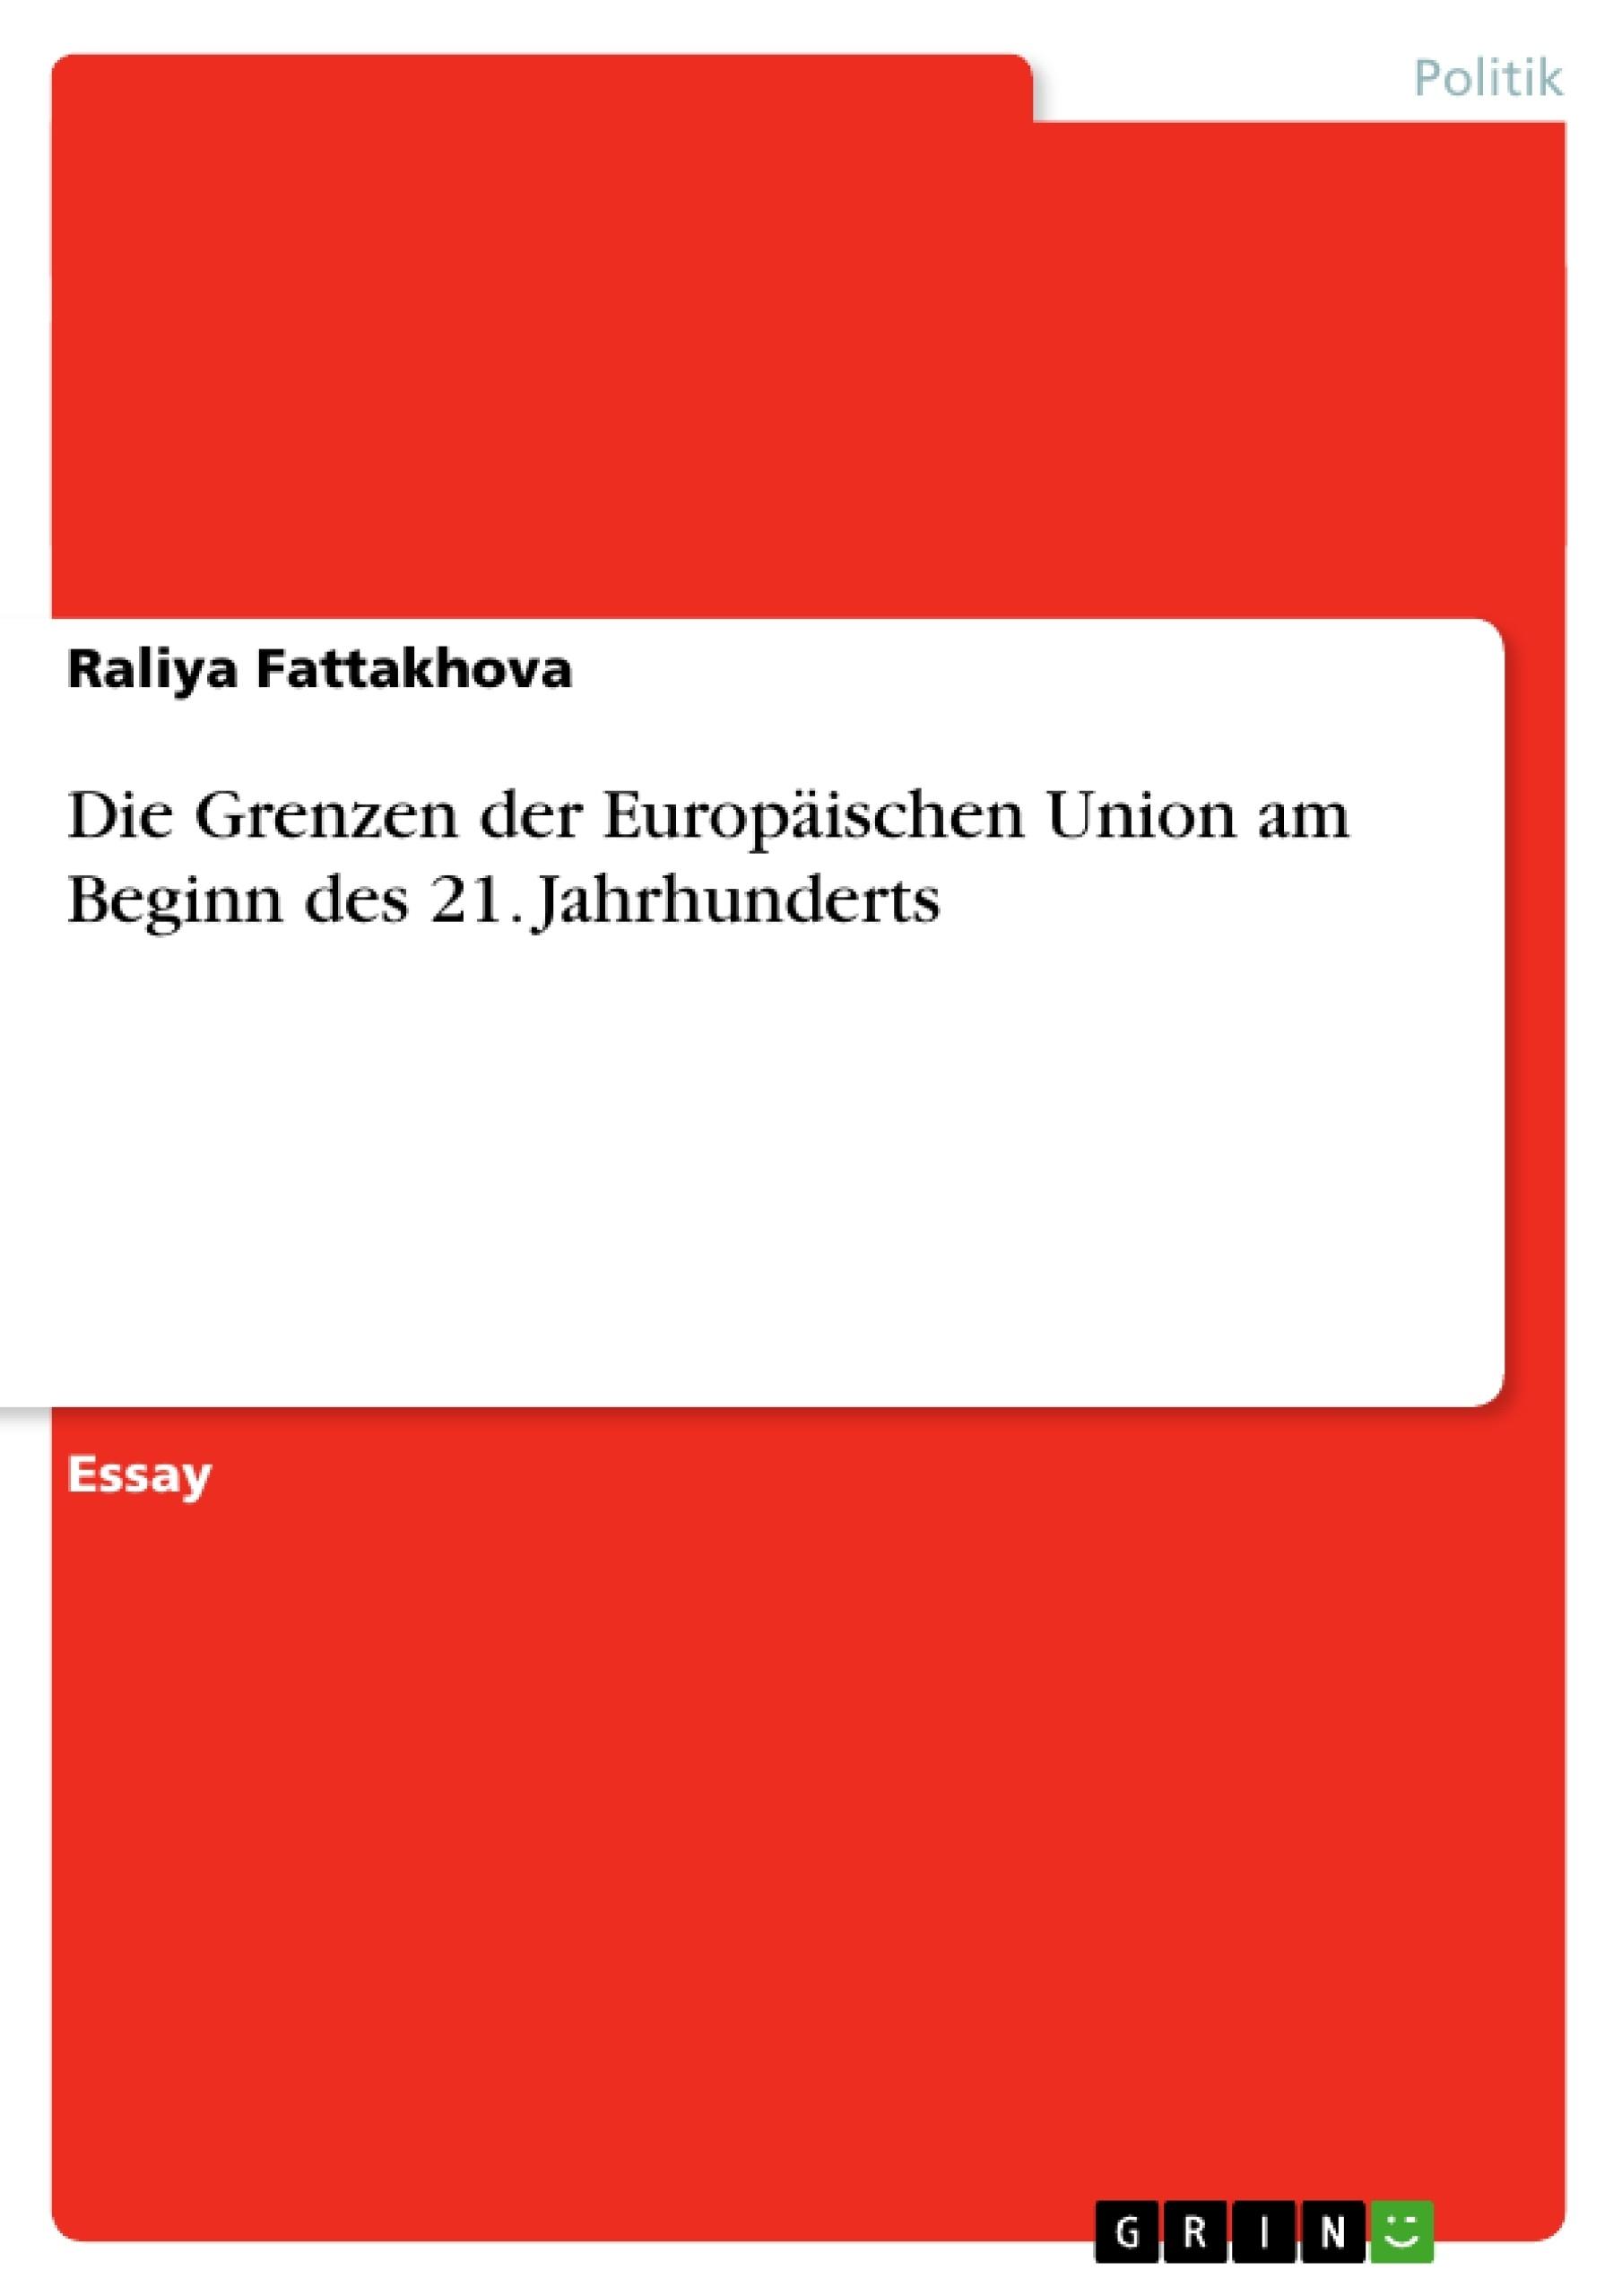 Titel: Die Grenzen der Europäischen Union am Beginn des 21. Jahrhunderts